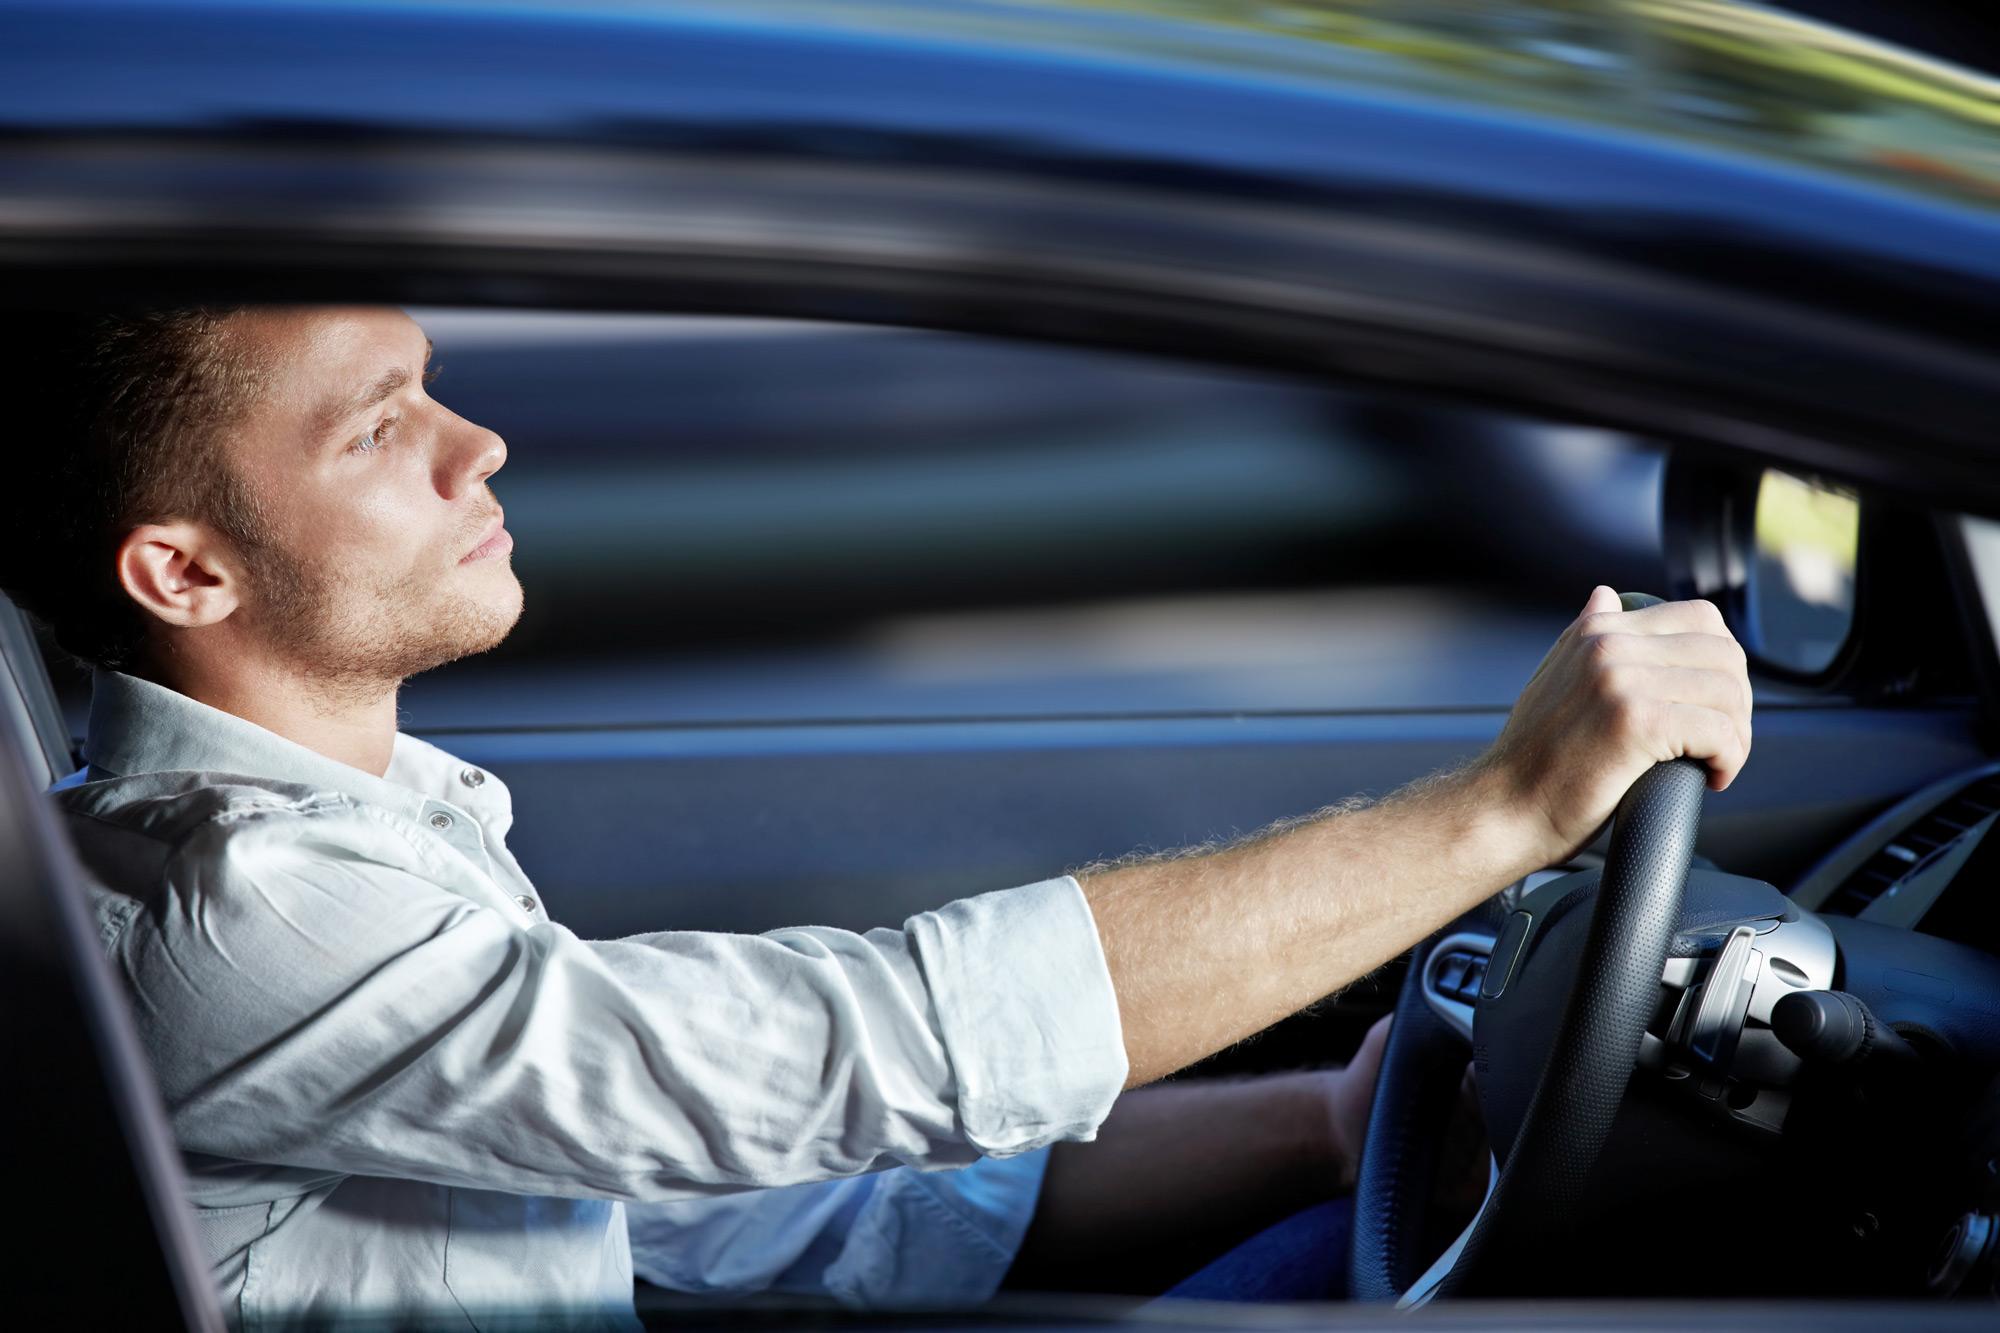 фото одного мужчины на машине принципе